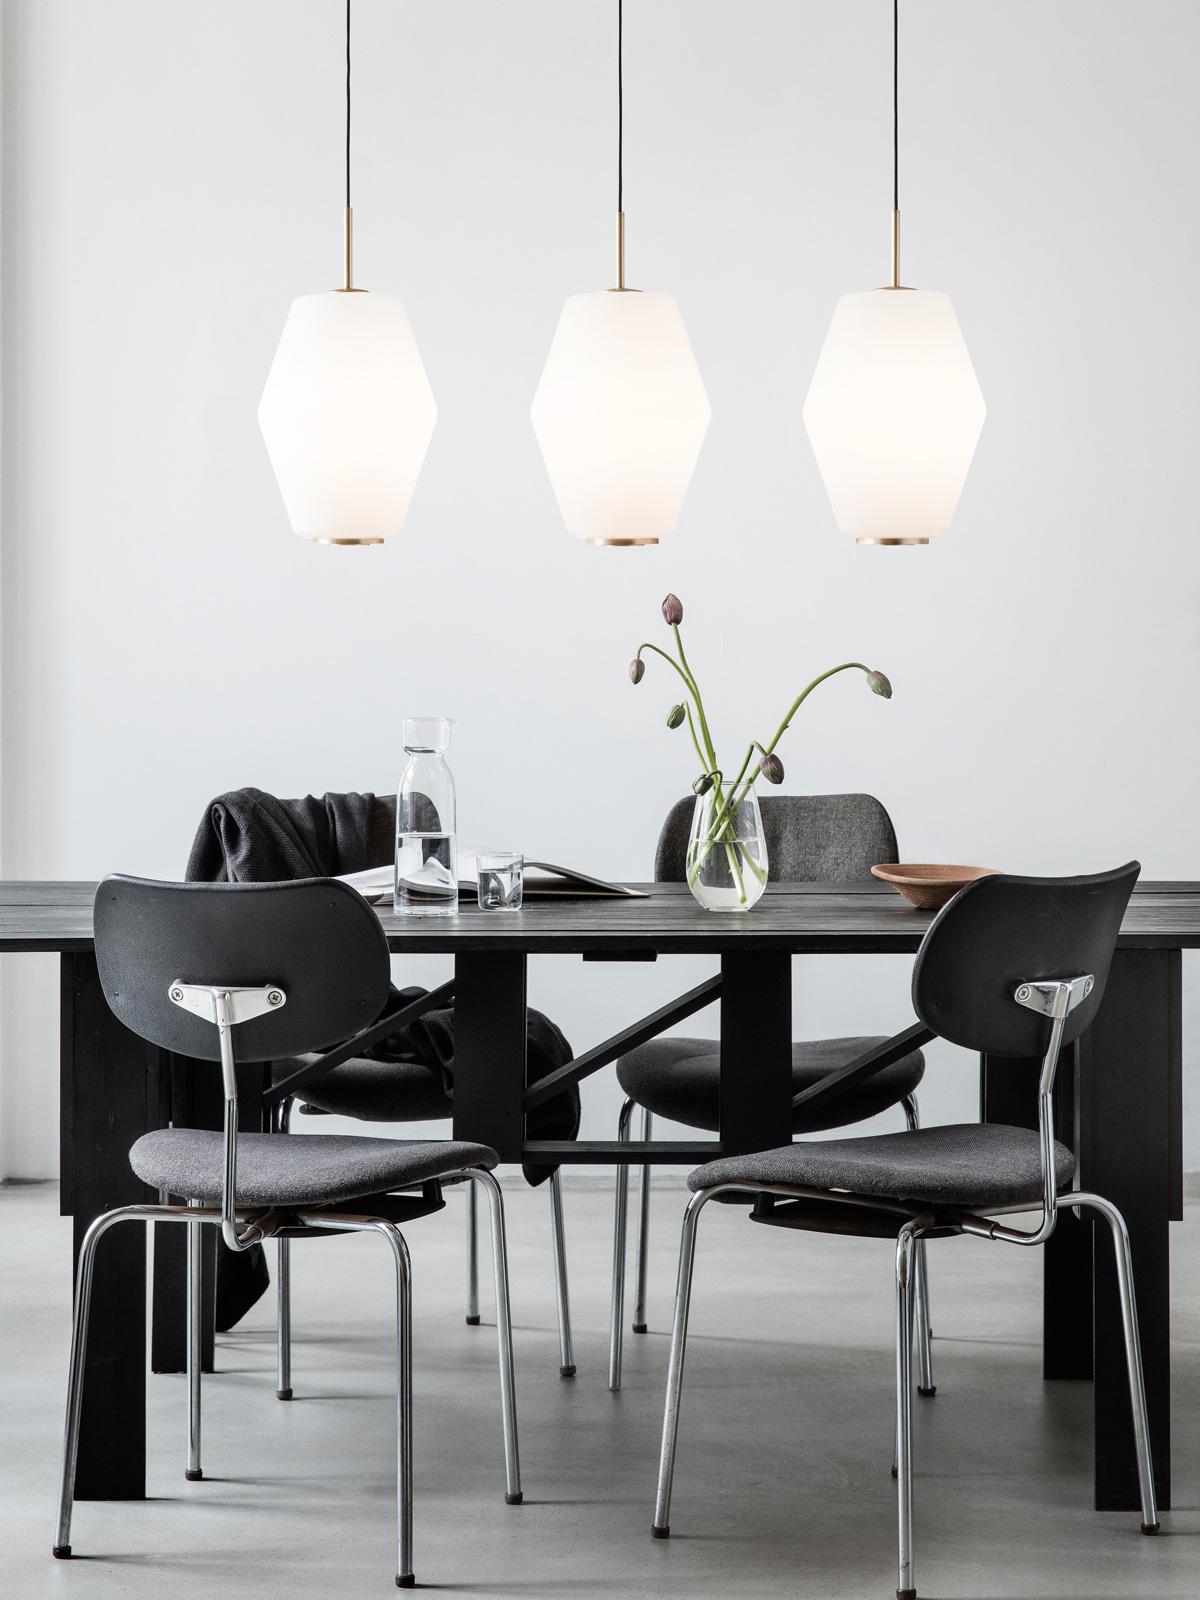 neue leuchten lampen im onlineshop designort lampen leuchten designerleuchten online berlin. Black Bedroom Furniture Sets. Home Design Ideas